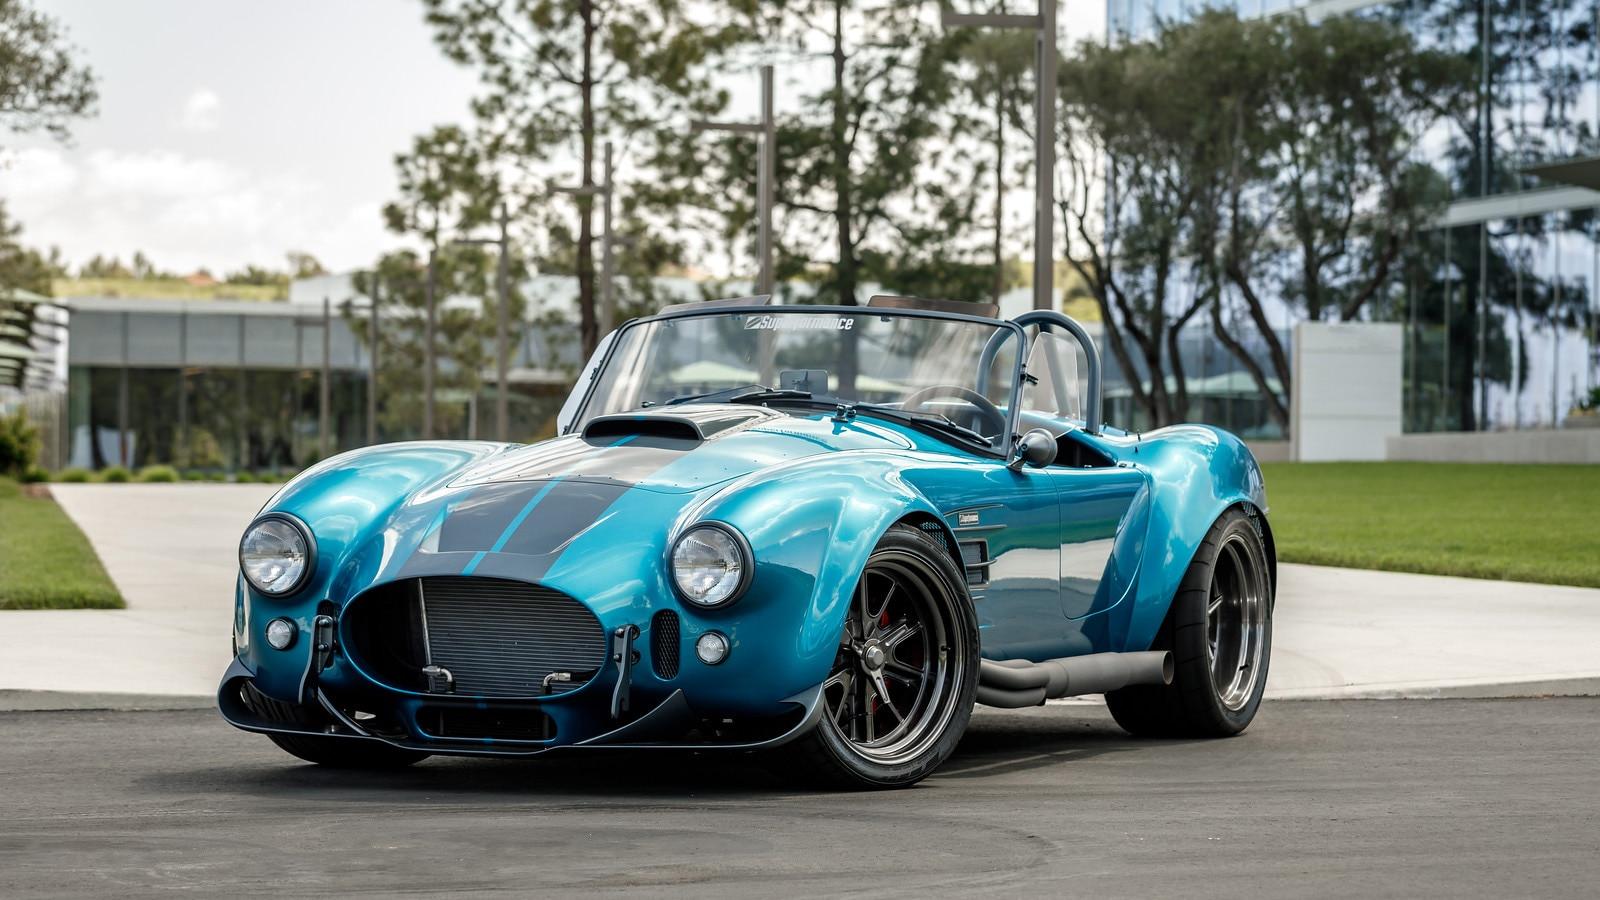 Что Вы испытываете когда видете Superformance MKIII-R Cobra New-Age Aero?